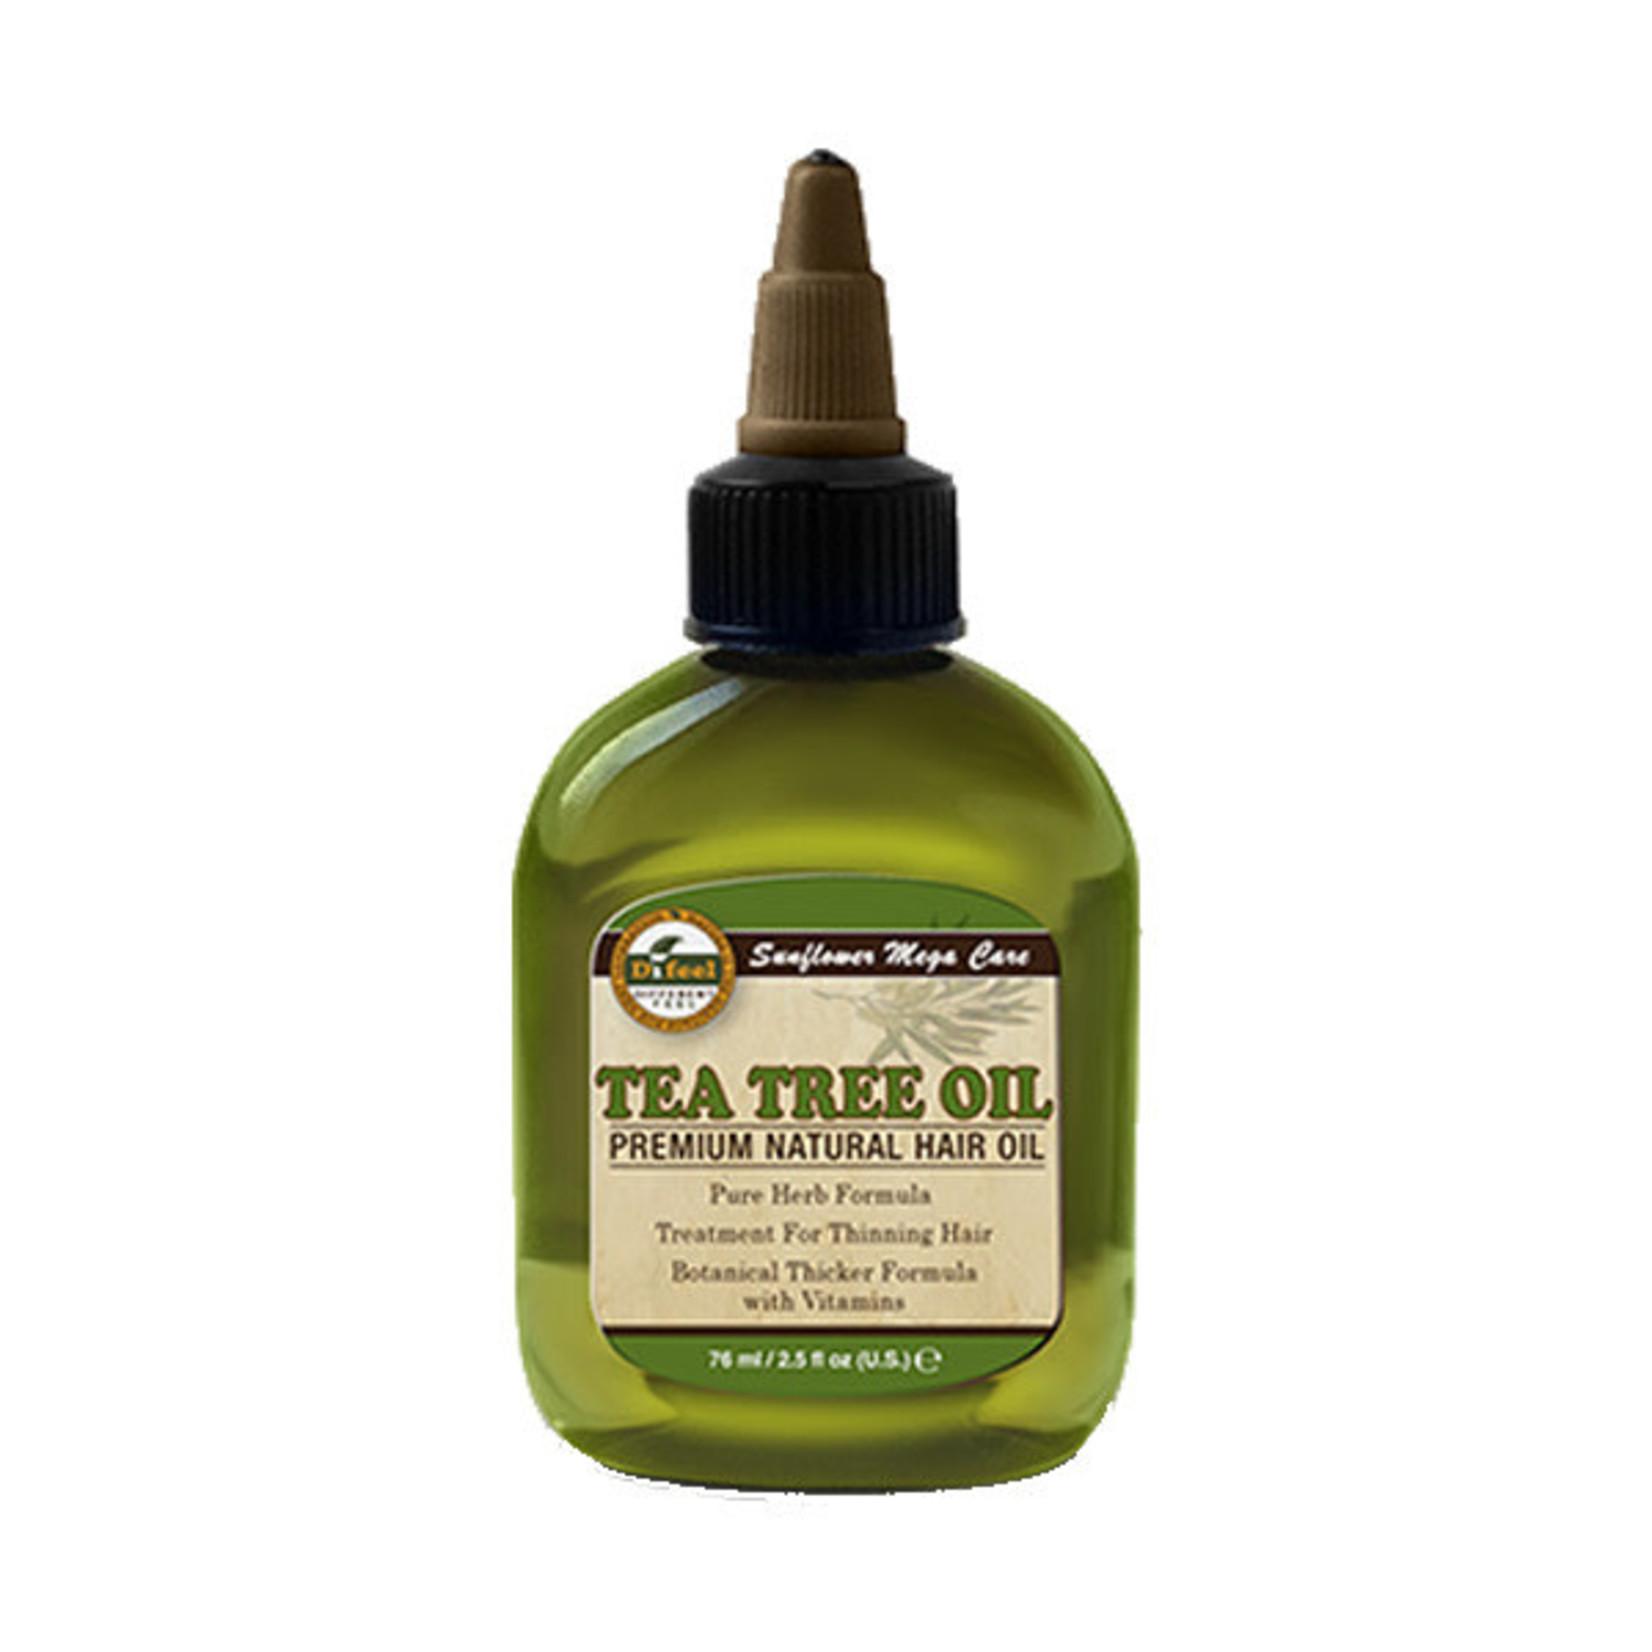 SUNFLOWER SUNFLOWER DIFEEL 99% NATURAL BLEND PREMIUM HAIR OIL [2.5OZ] - TEA TREE OIL